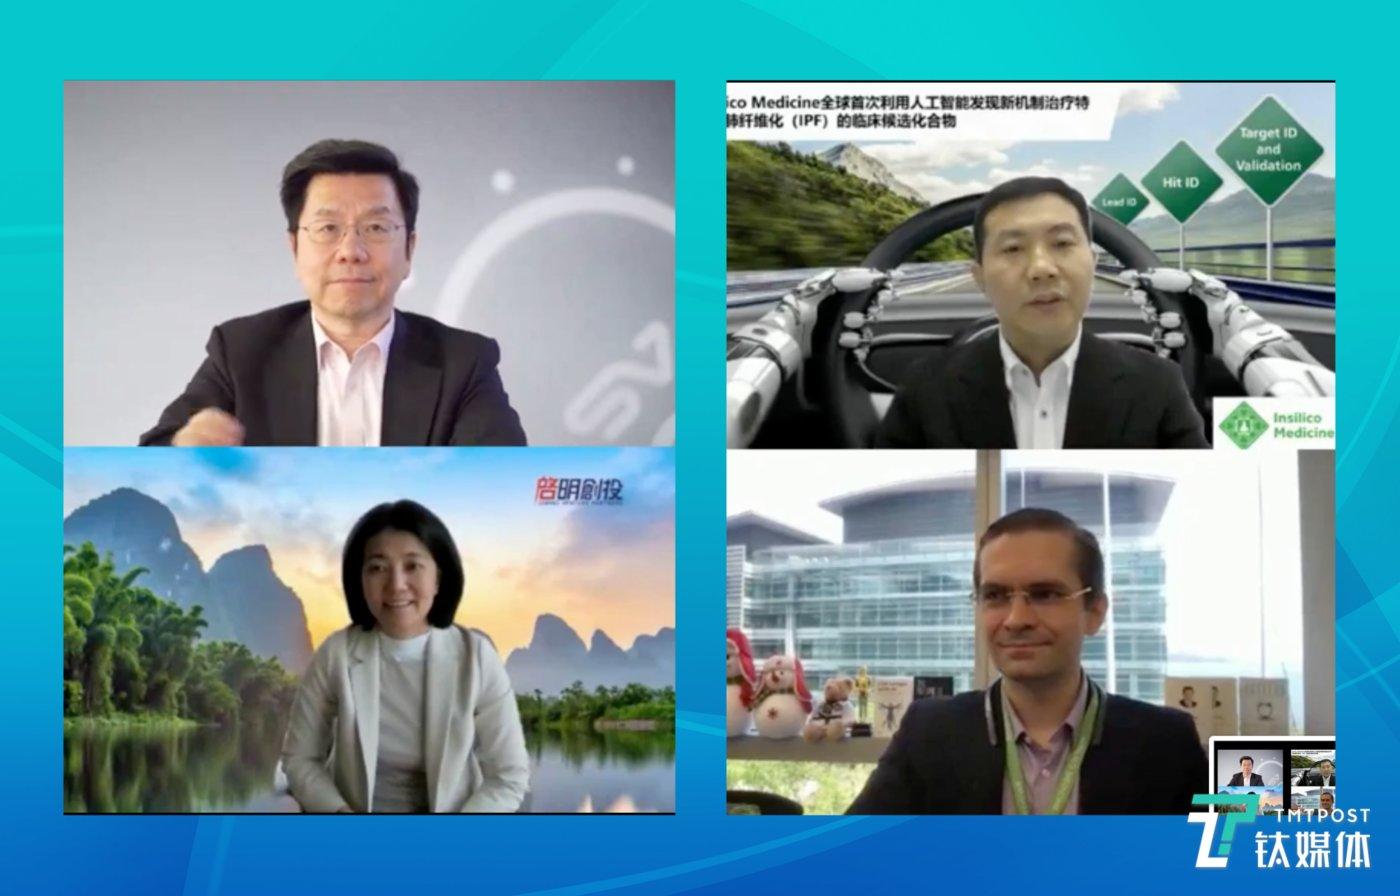 四位分别是创新工场董事长兼CEO李开复、英矽智能首席科学官任峰、启明创投主管合伙人梁颕宇、英矽智能CEO Alex Zhavoronkov